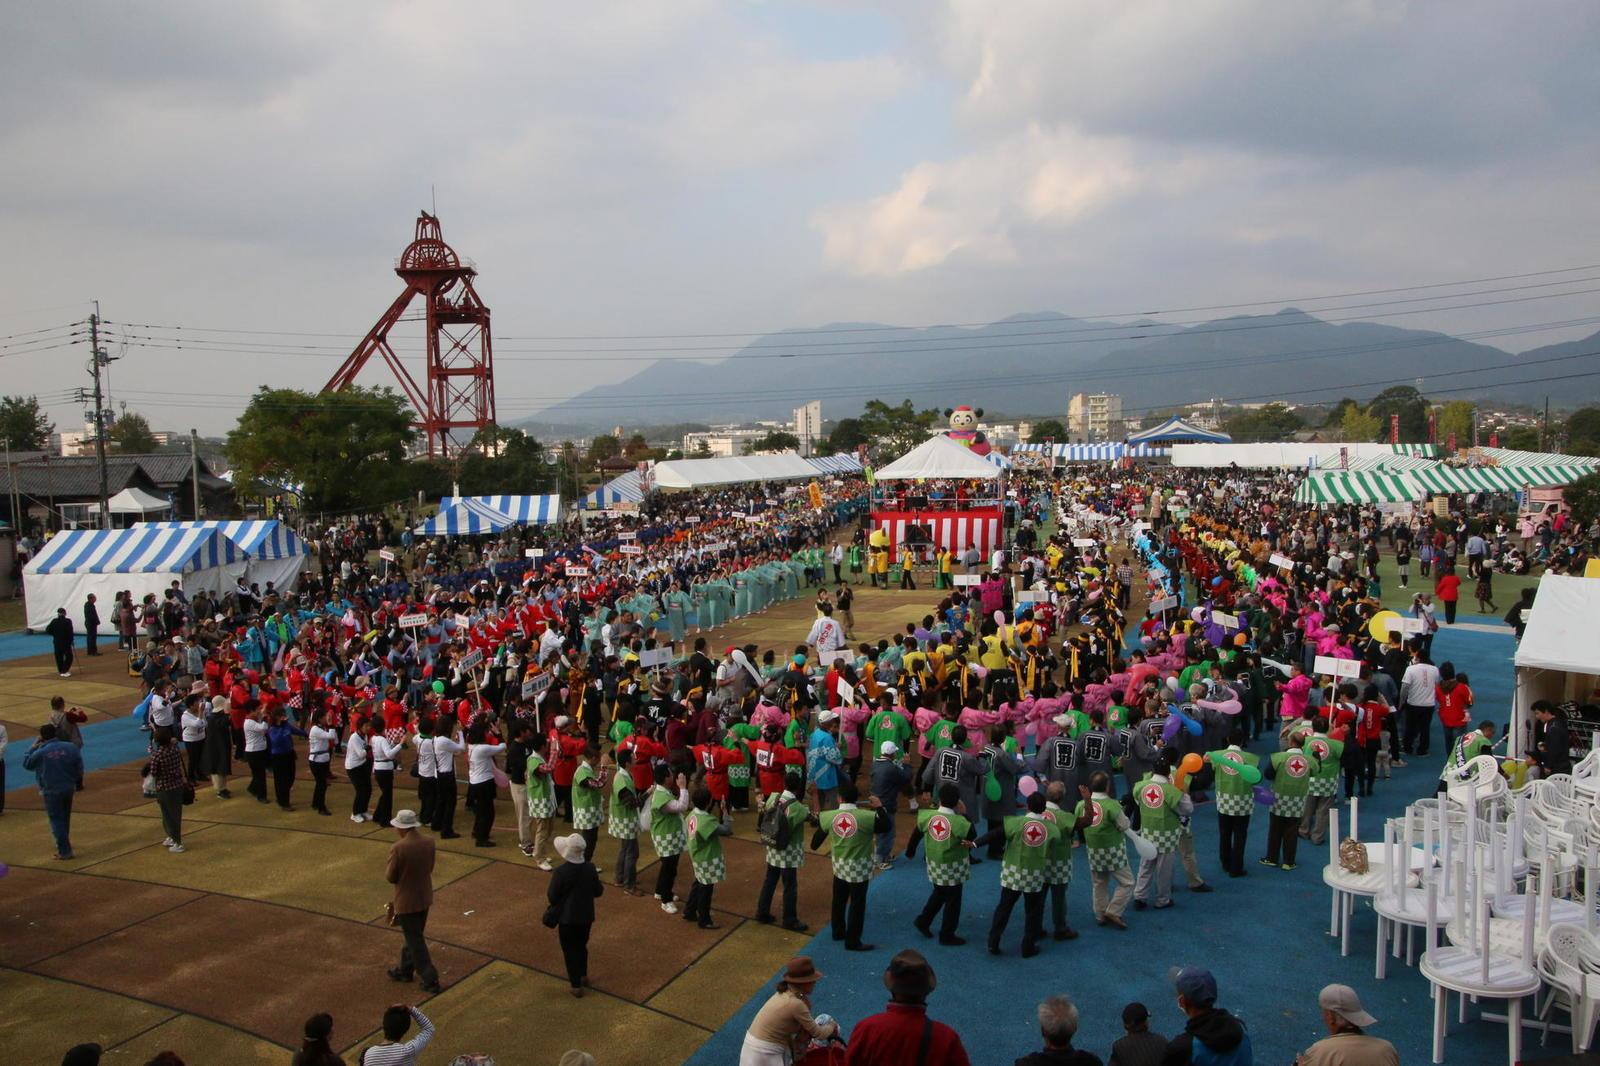 TAGAWAコールマイン・フェスティバル(炭坑節まつり)